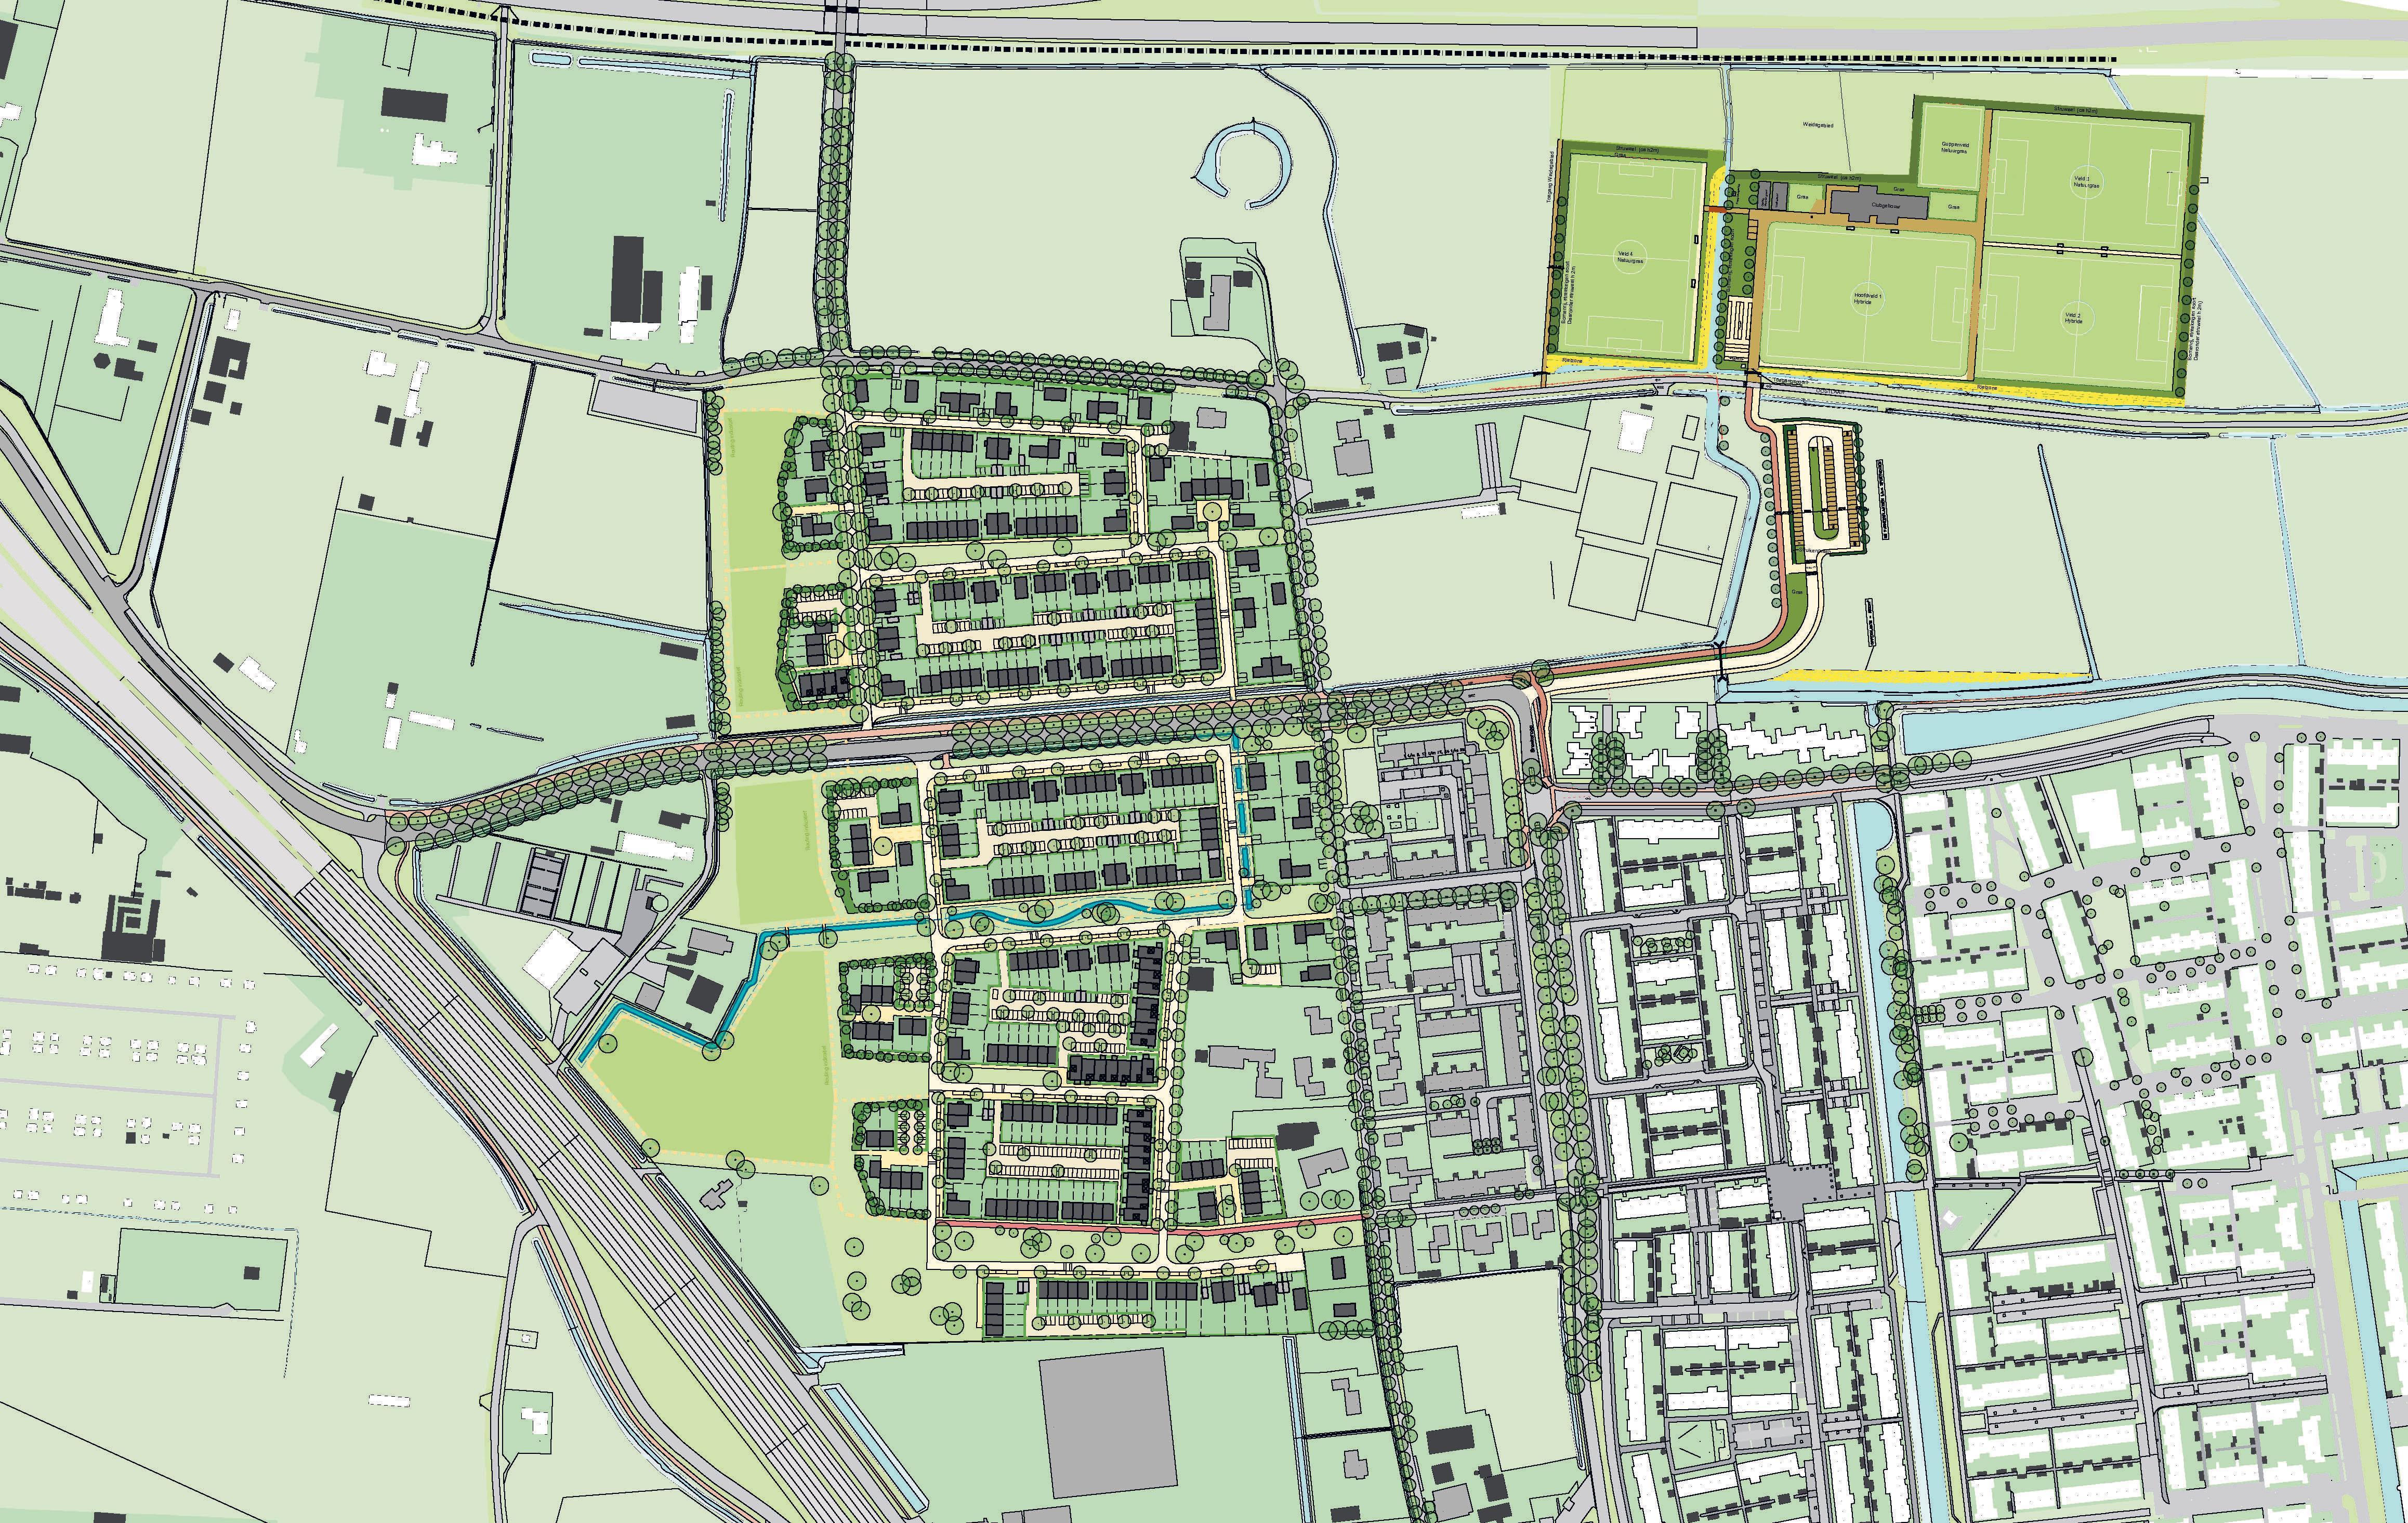 IJmond, Haarlem en Zuid-Kennemerland bouwen de verkeerde huizen, ook al zijn het er straks genoeg (als plannen tenminste doorgaan)